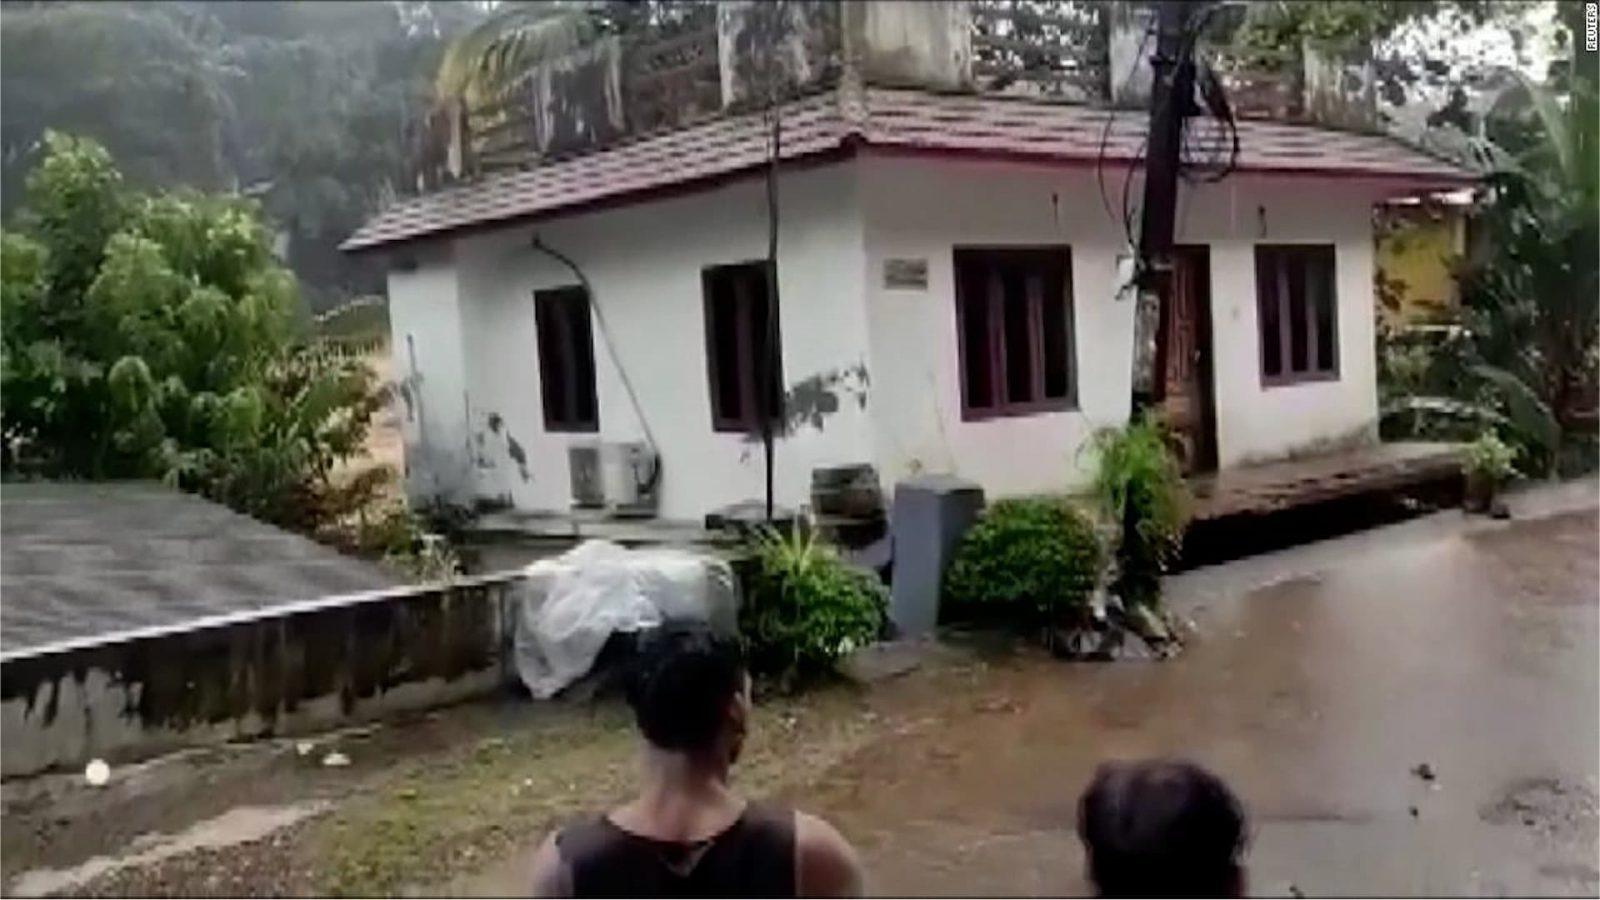 لحظة انهيار منزل بأكمله في الهند (فيديو)